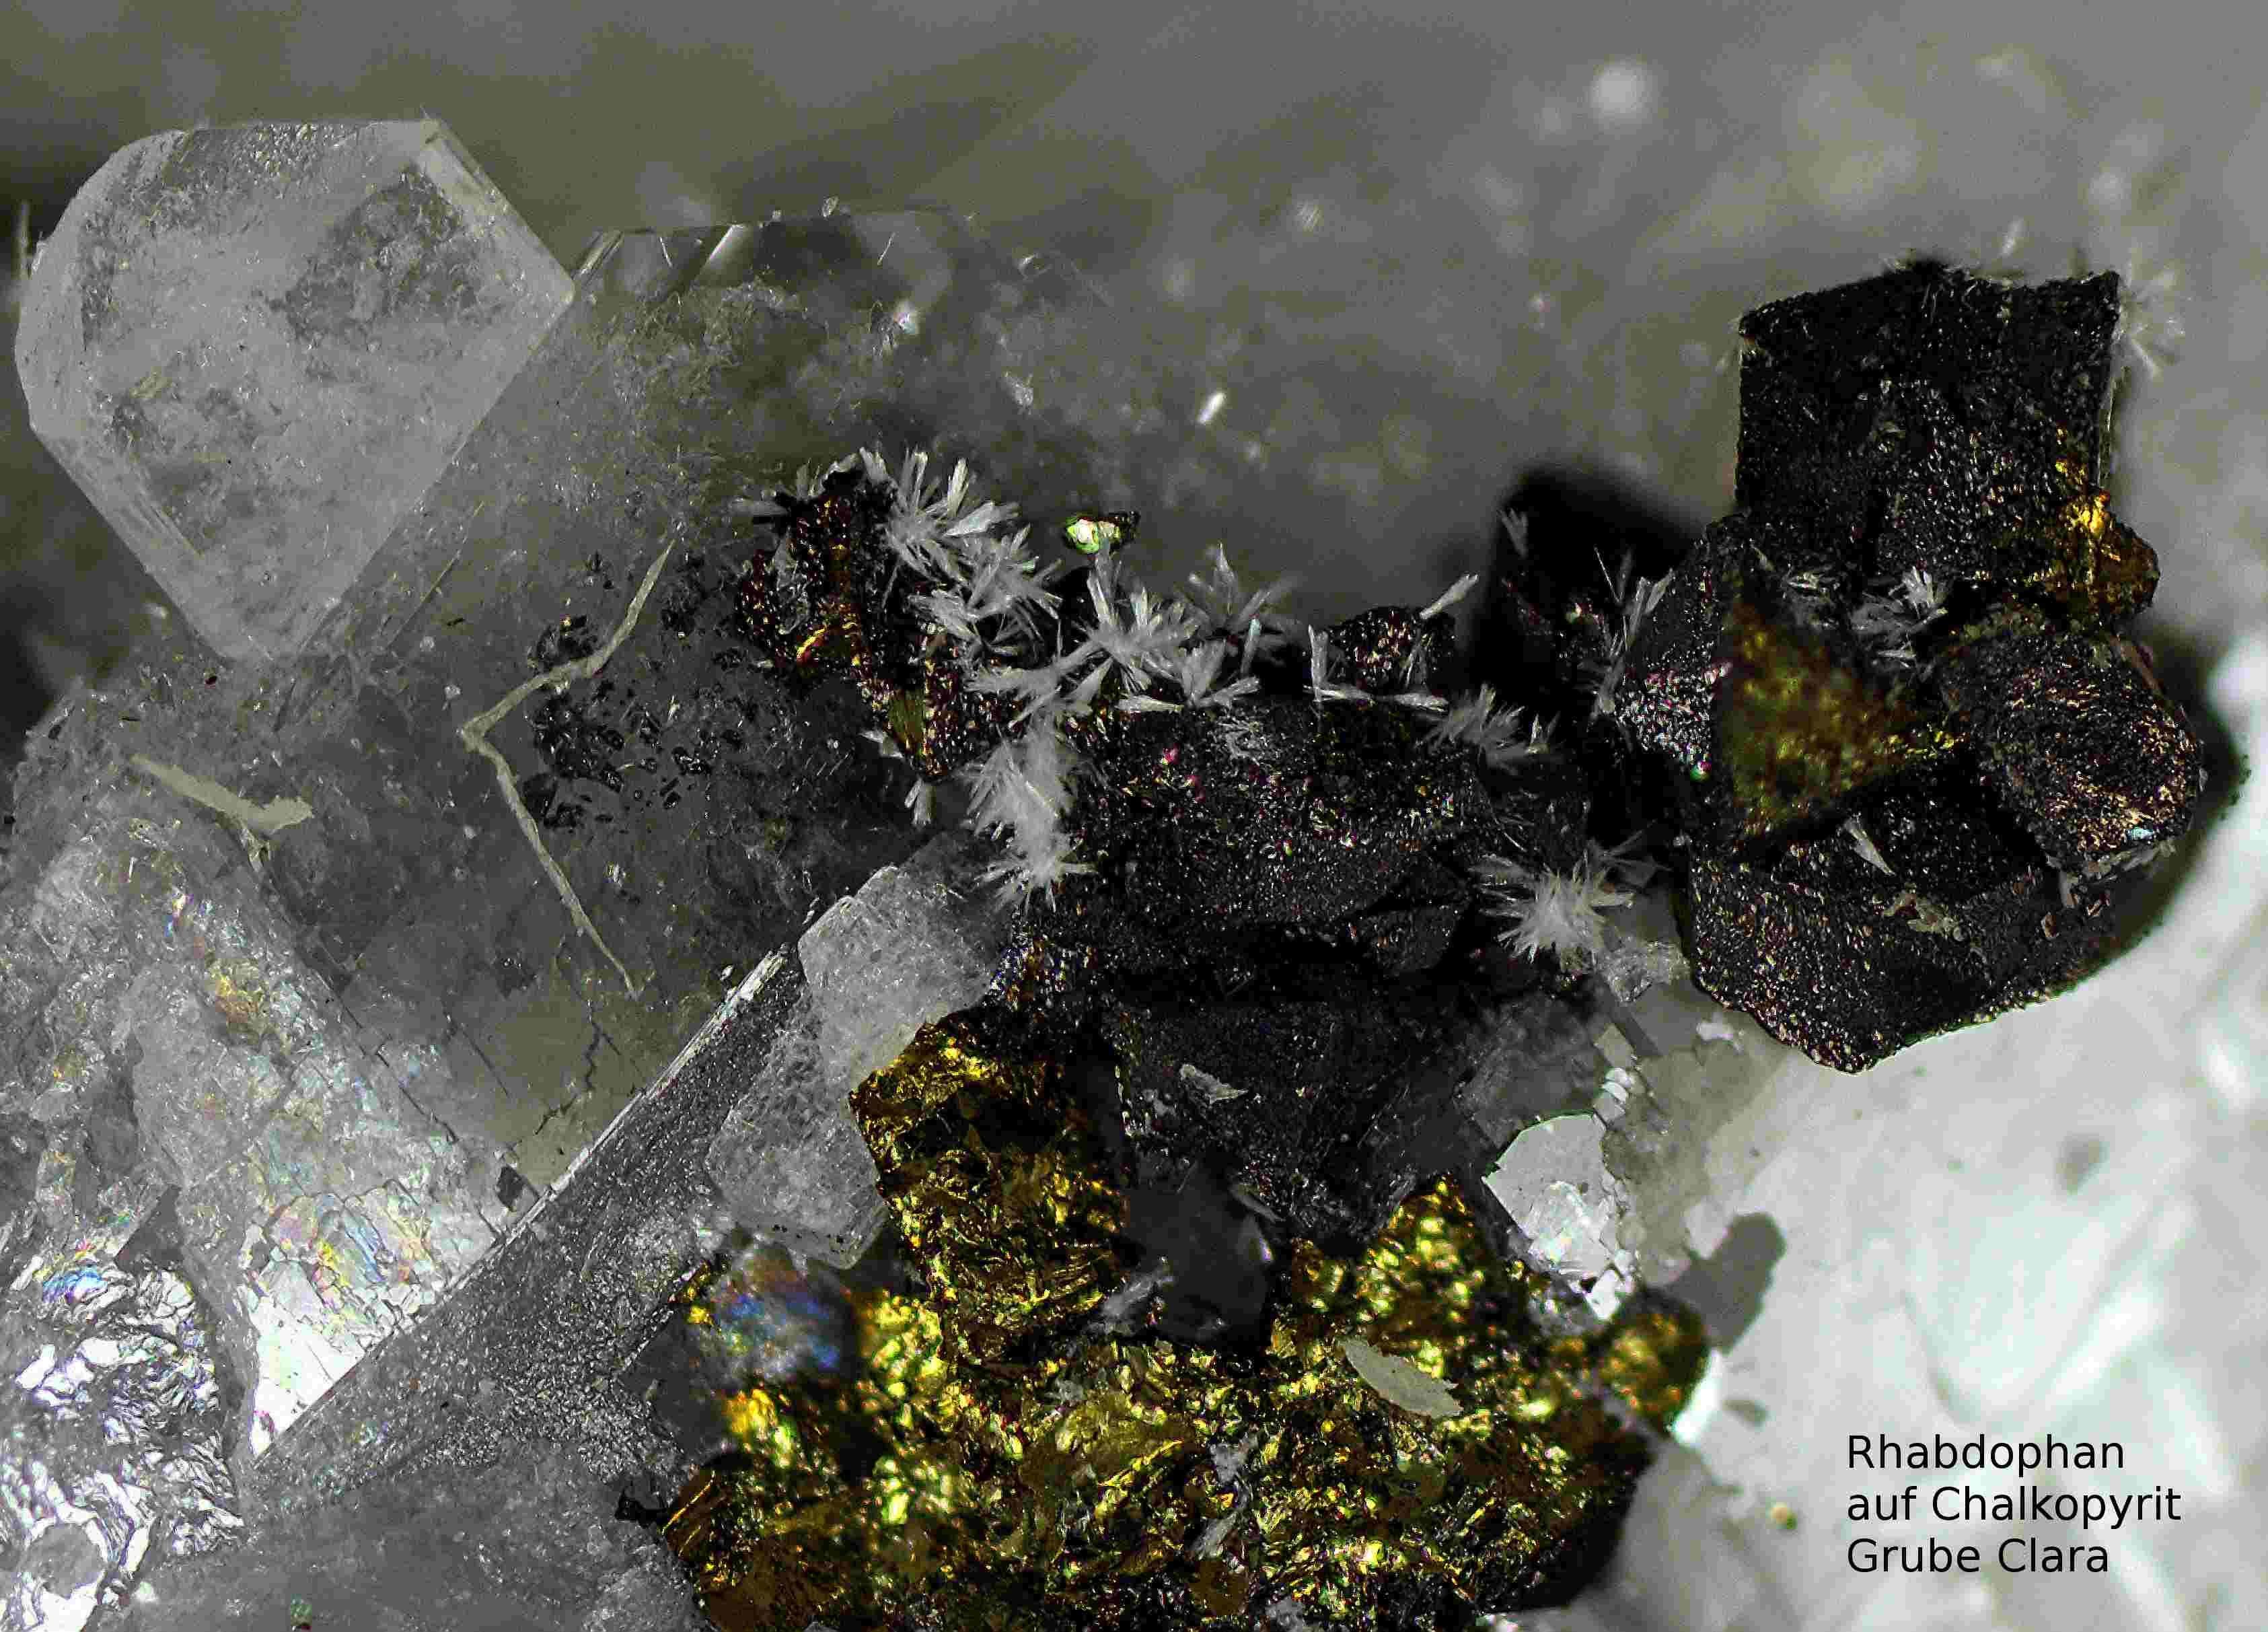 Rhabdophan auf Chalkopyrit ,  Clara Mine,Rankach valley, Oberwolfach, Wolfach, Black Forest, Baden-Würtemberg, Germany, Copyright © H. Stoya